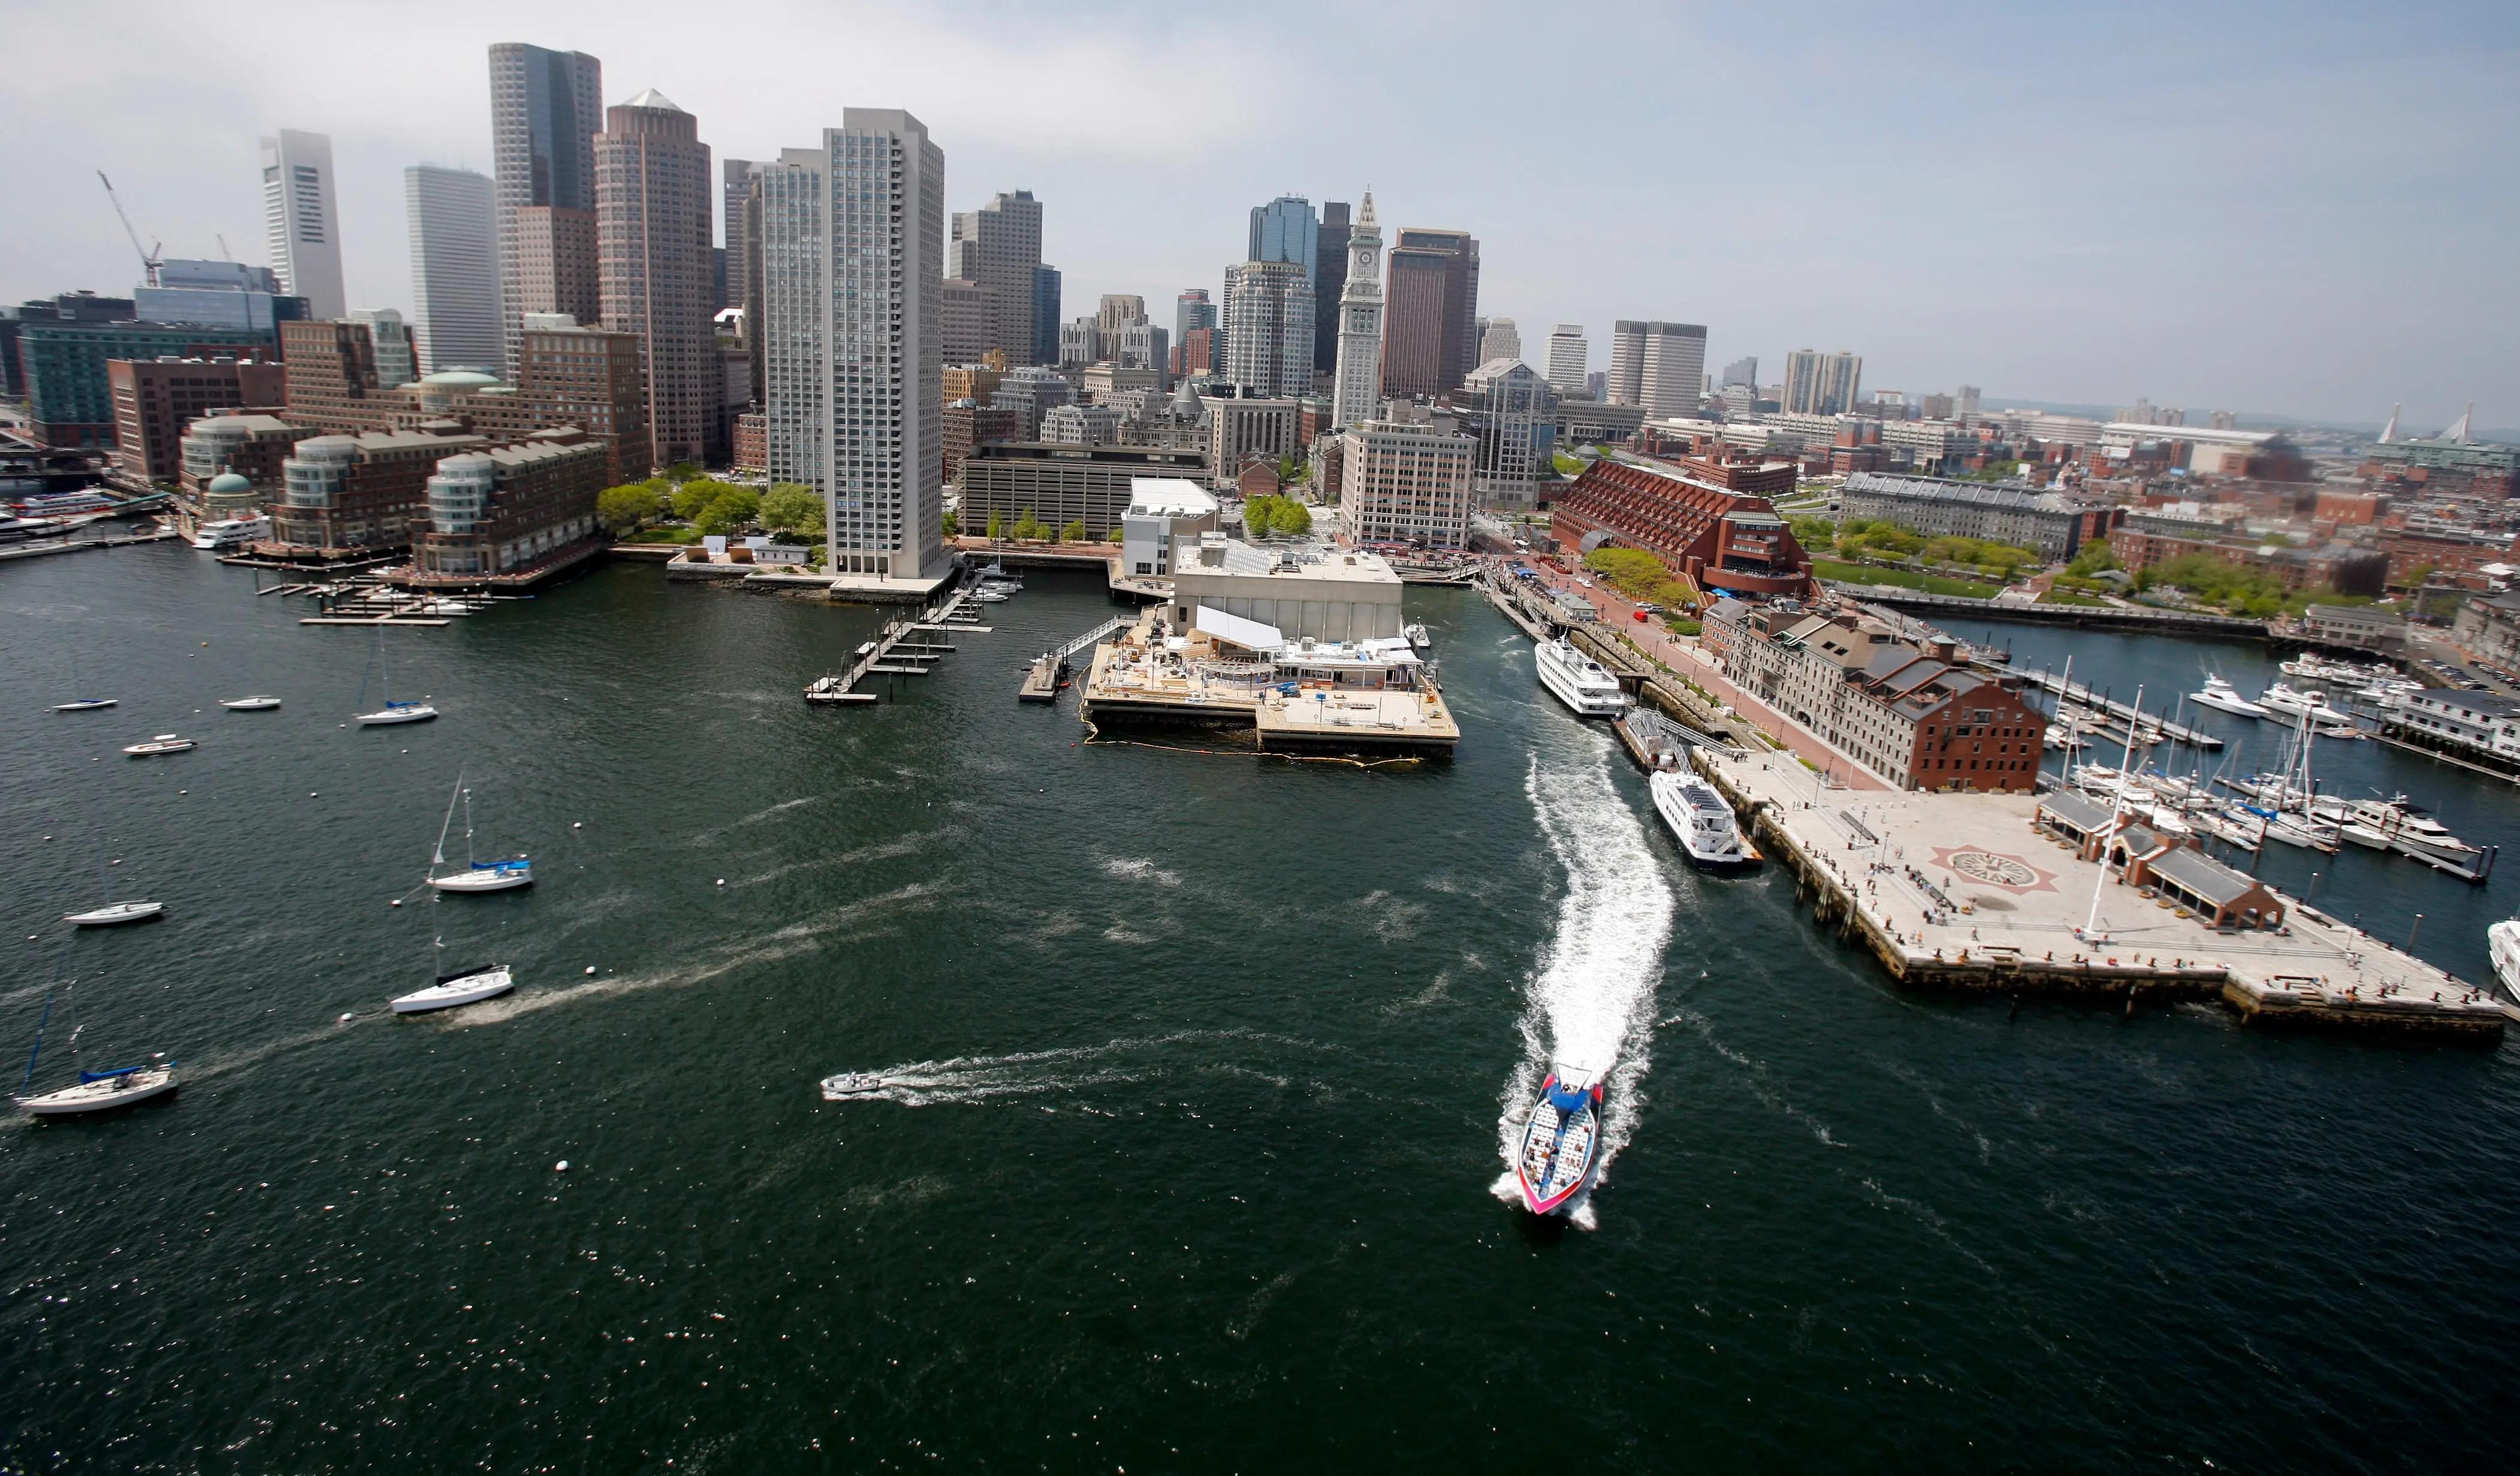 7. Boston: 47.36 hours